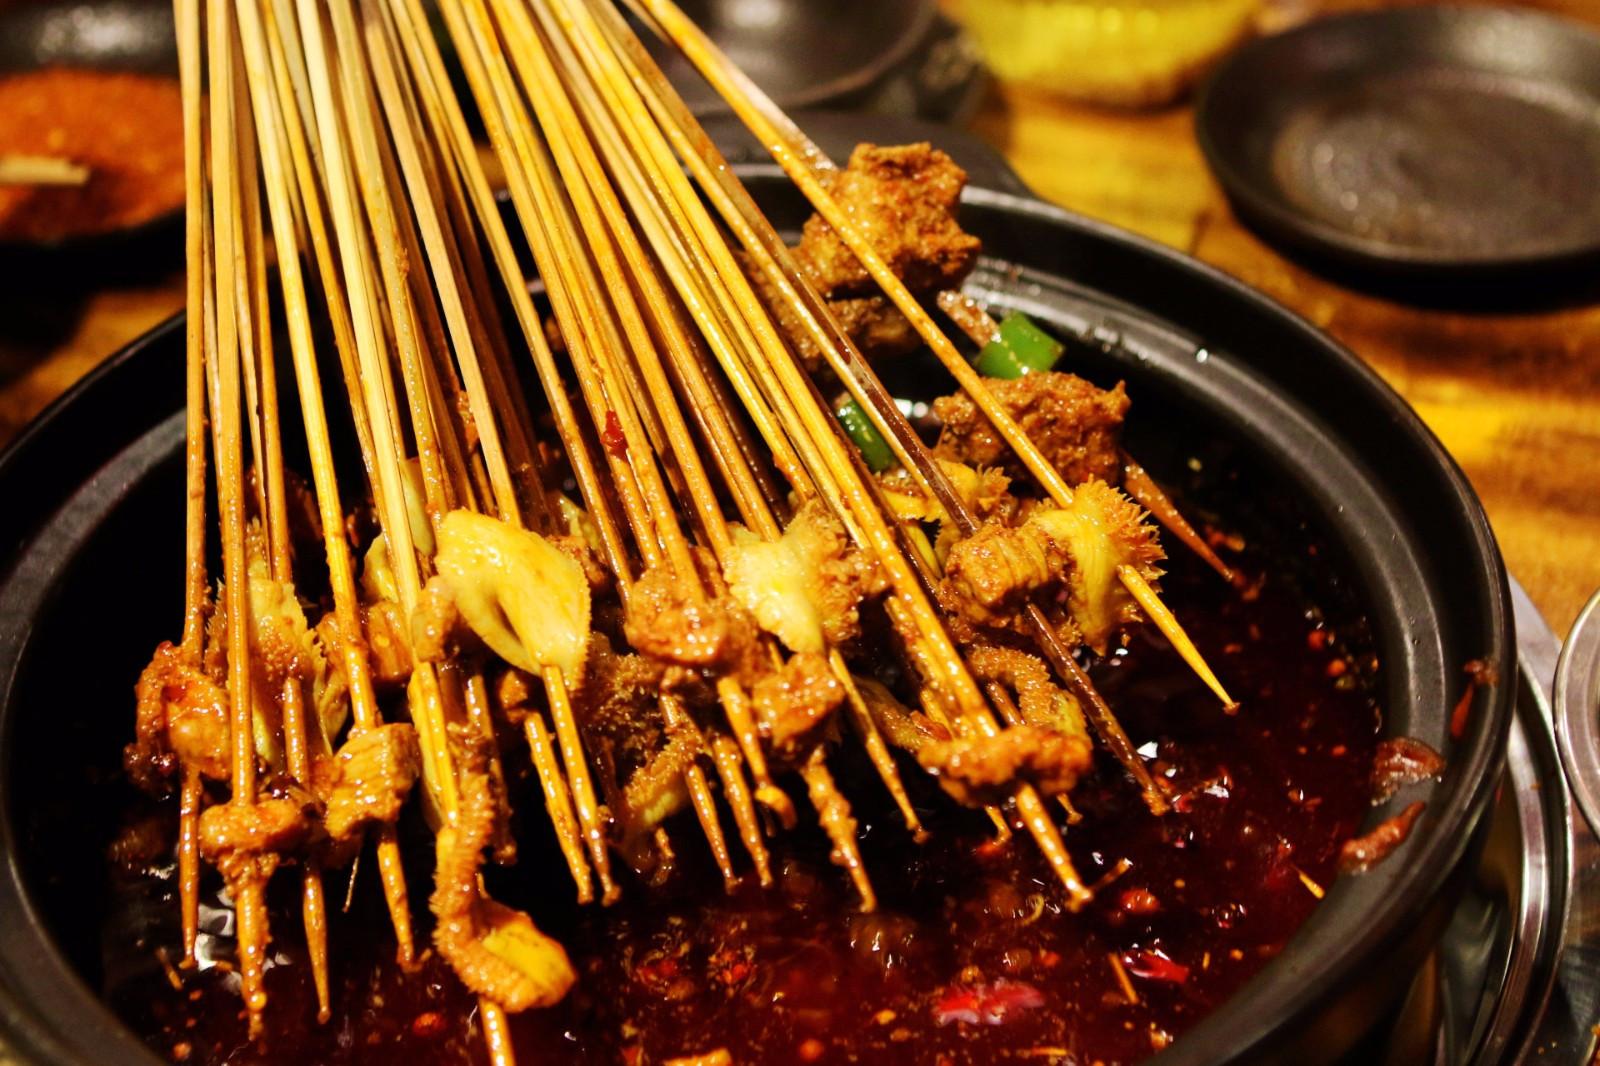 蓉美食小郡肝视觉串串一个有故事的火锅落户西安与四爷美食图片